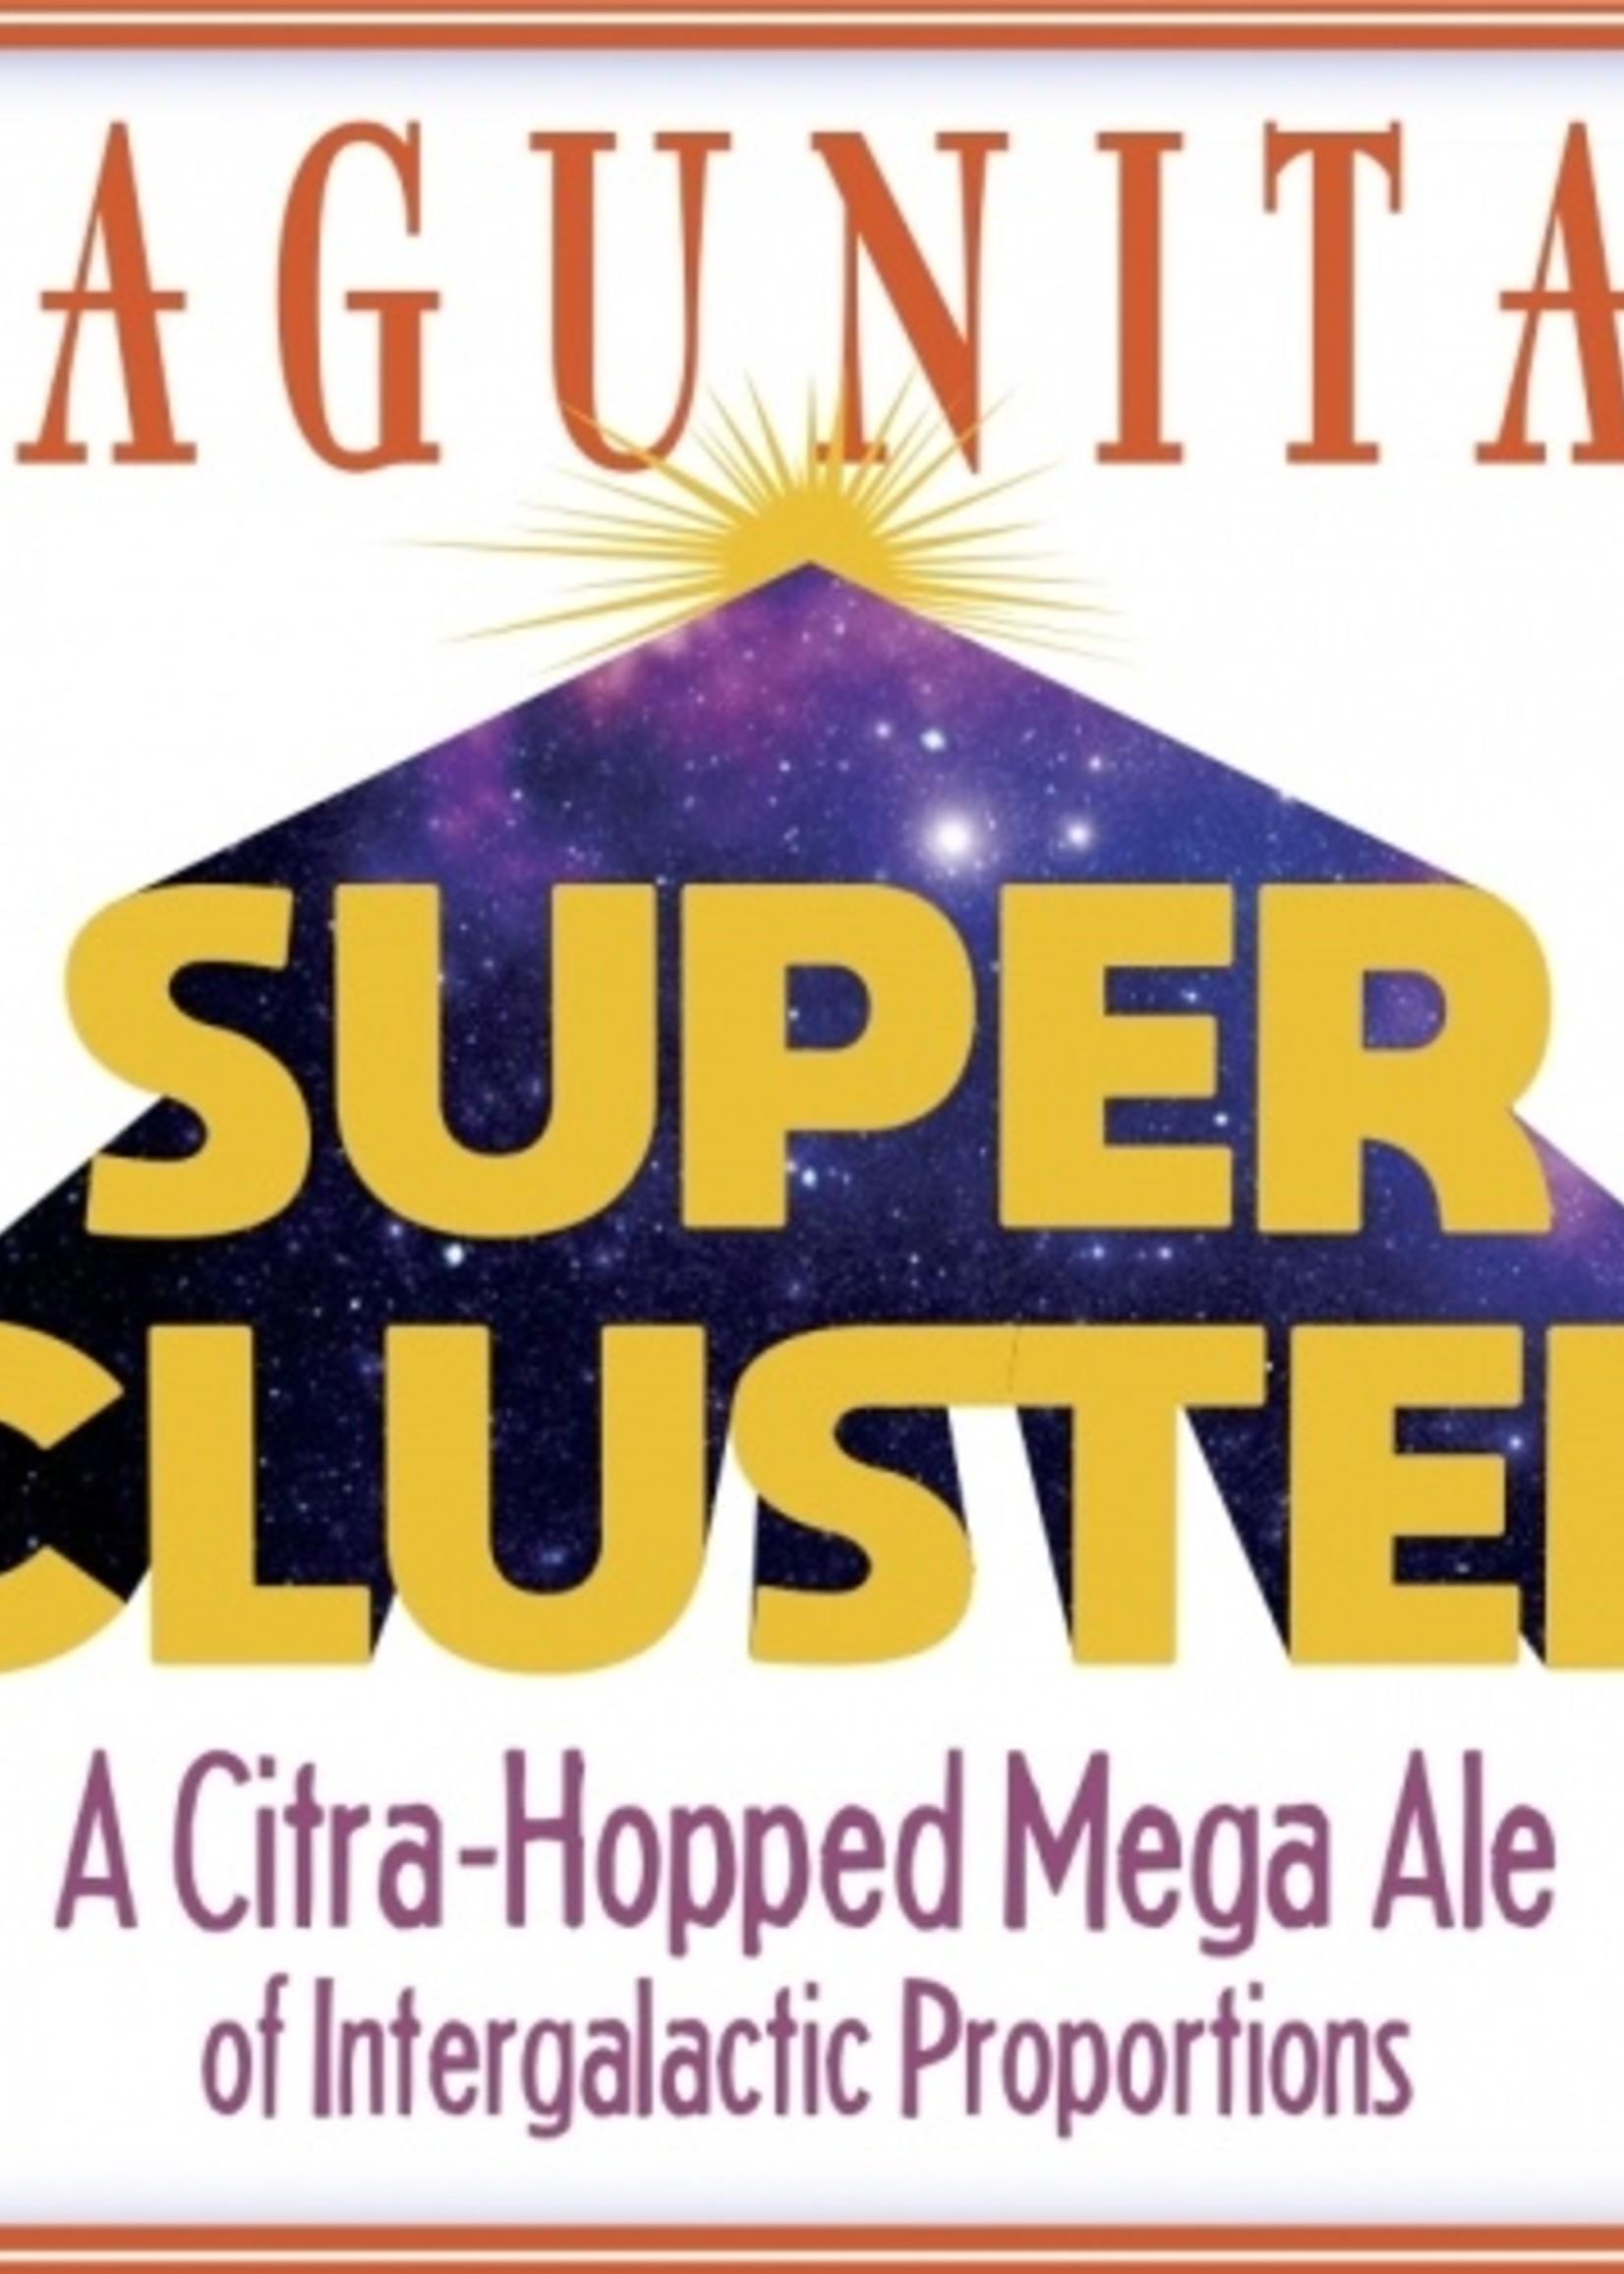 Lagunitas Super Cluster Citra IPA